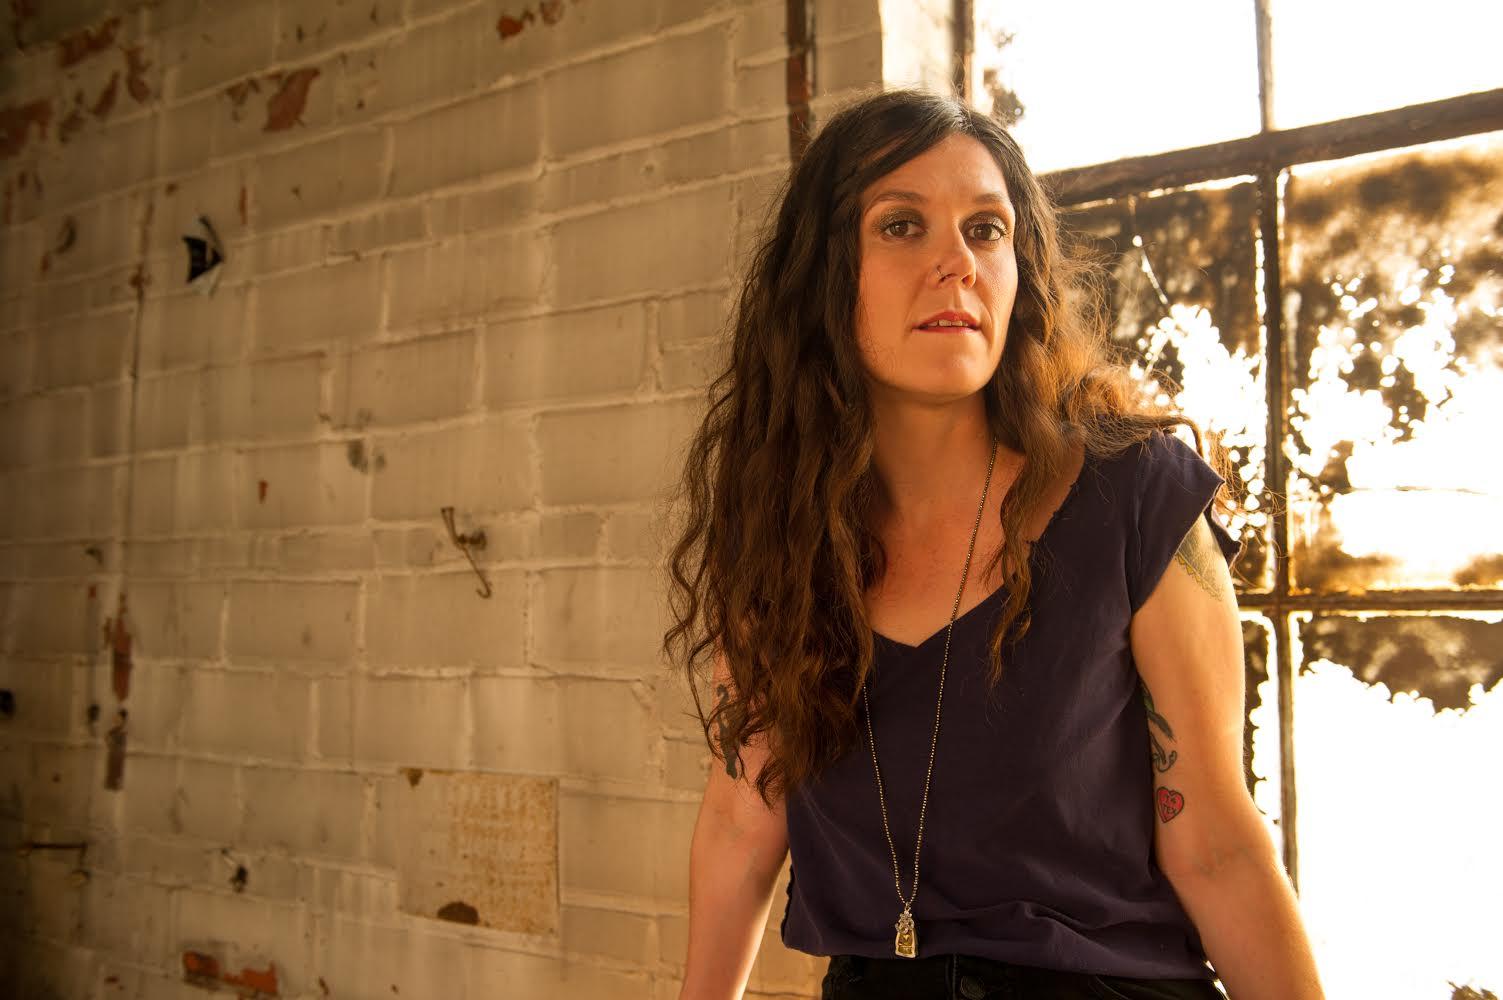 WATCH: Lilly Hiatt, 'Somebody's Daughter'